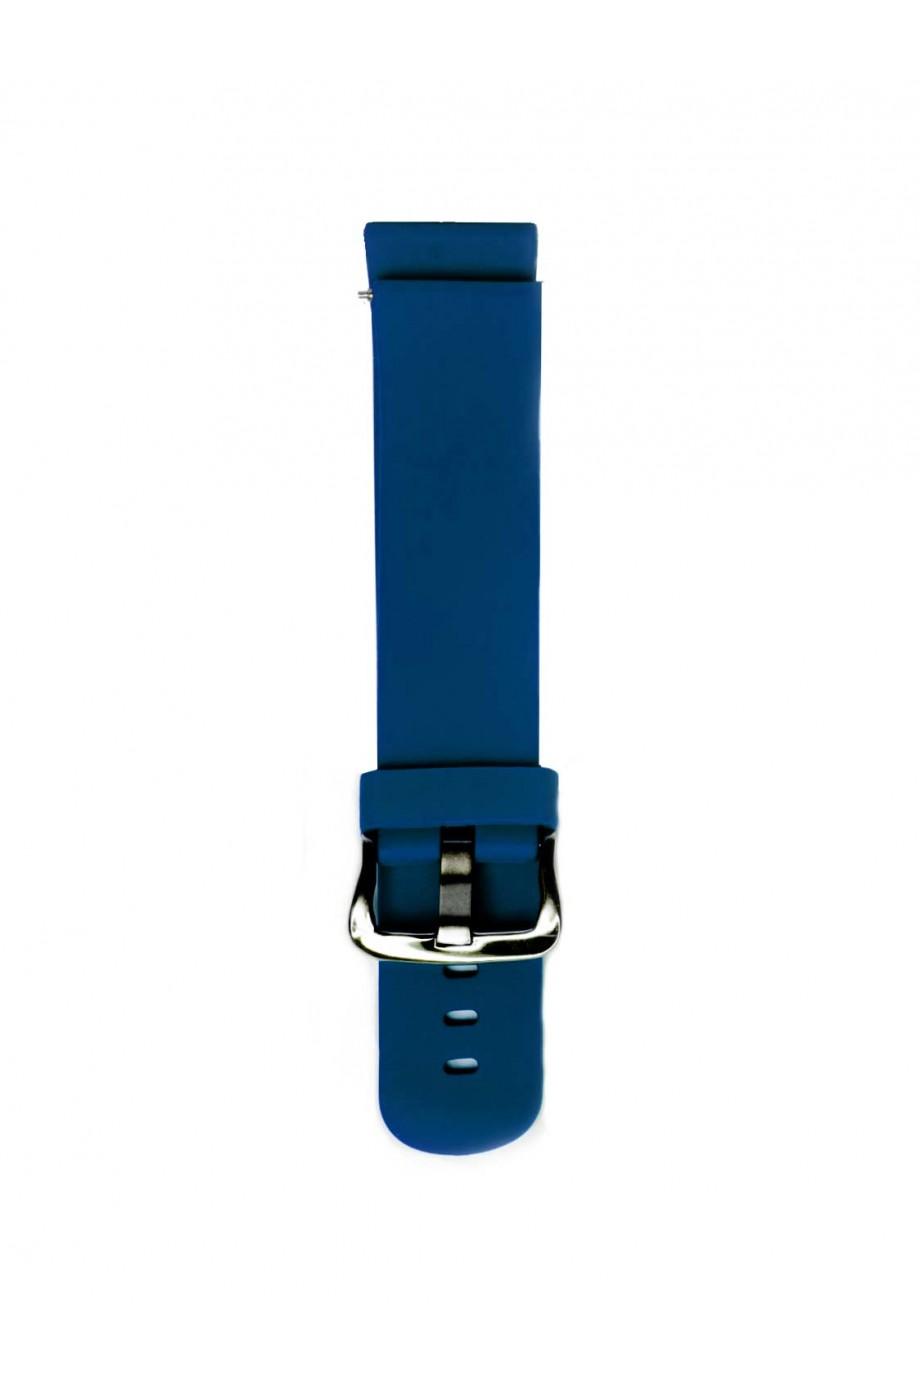 Силиконовый ремешок для Amazfit Pace, 22 мм, темно-синий, mc-03